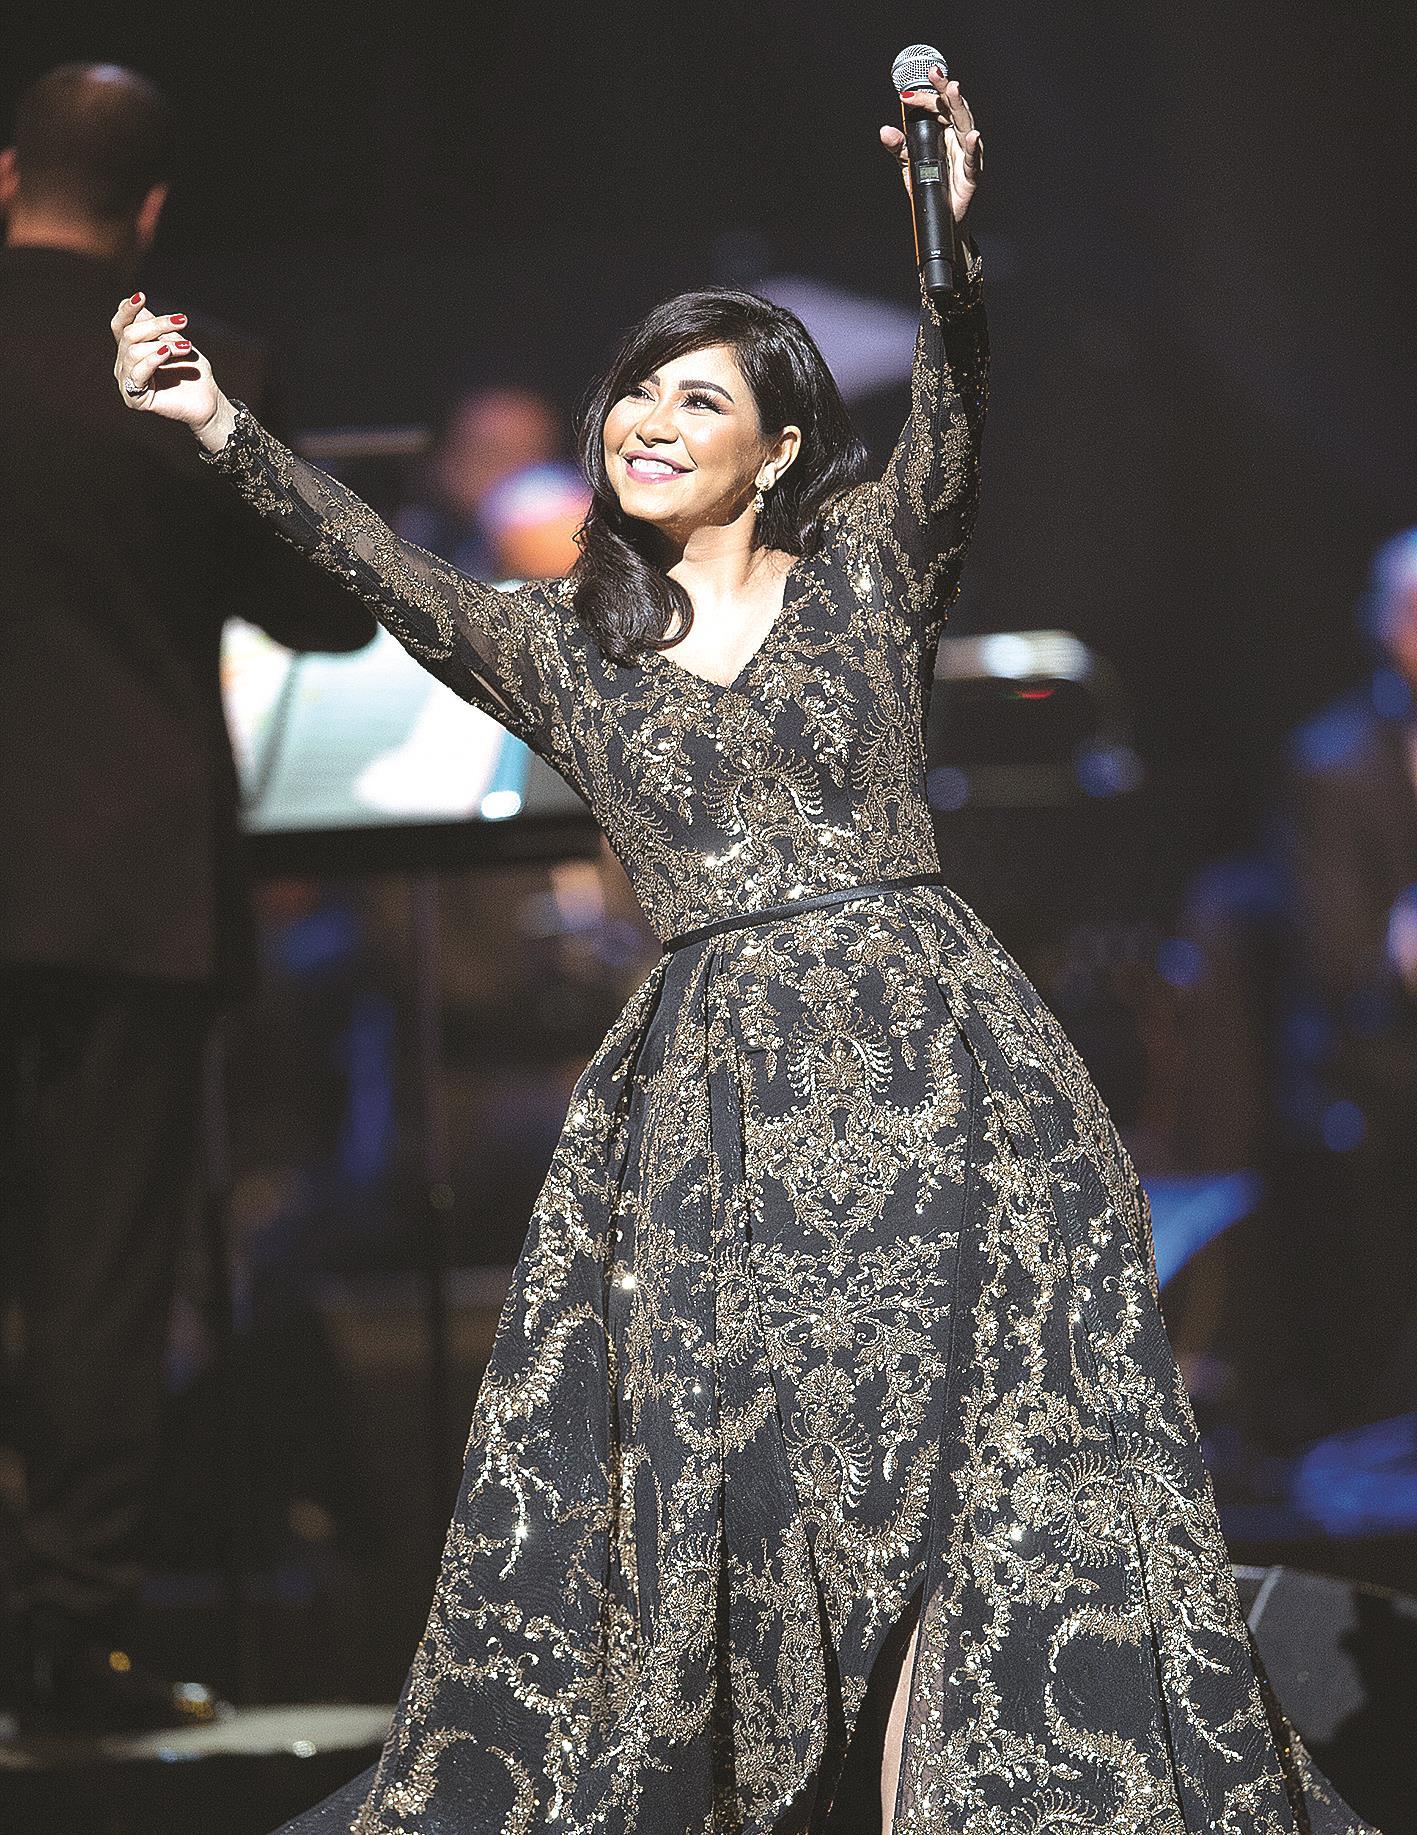 شيرين عبدالوهاب رفضت عرضاً للزواج وسط الجمهور!